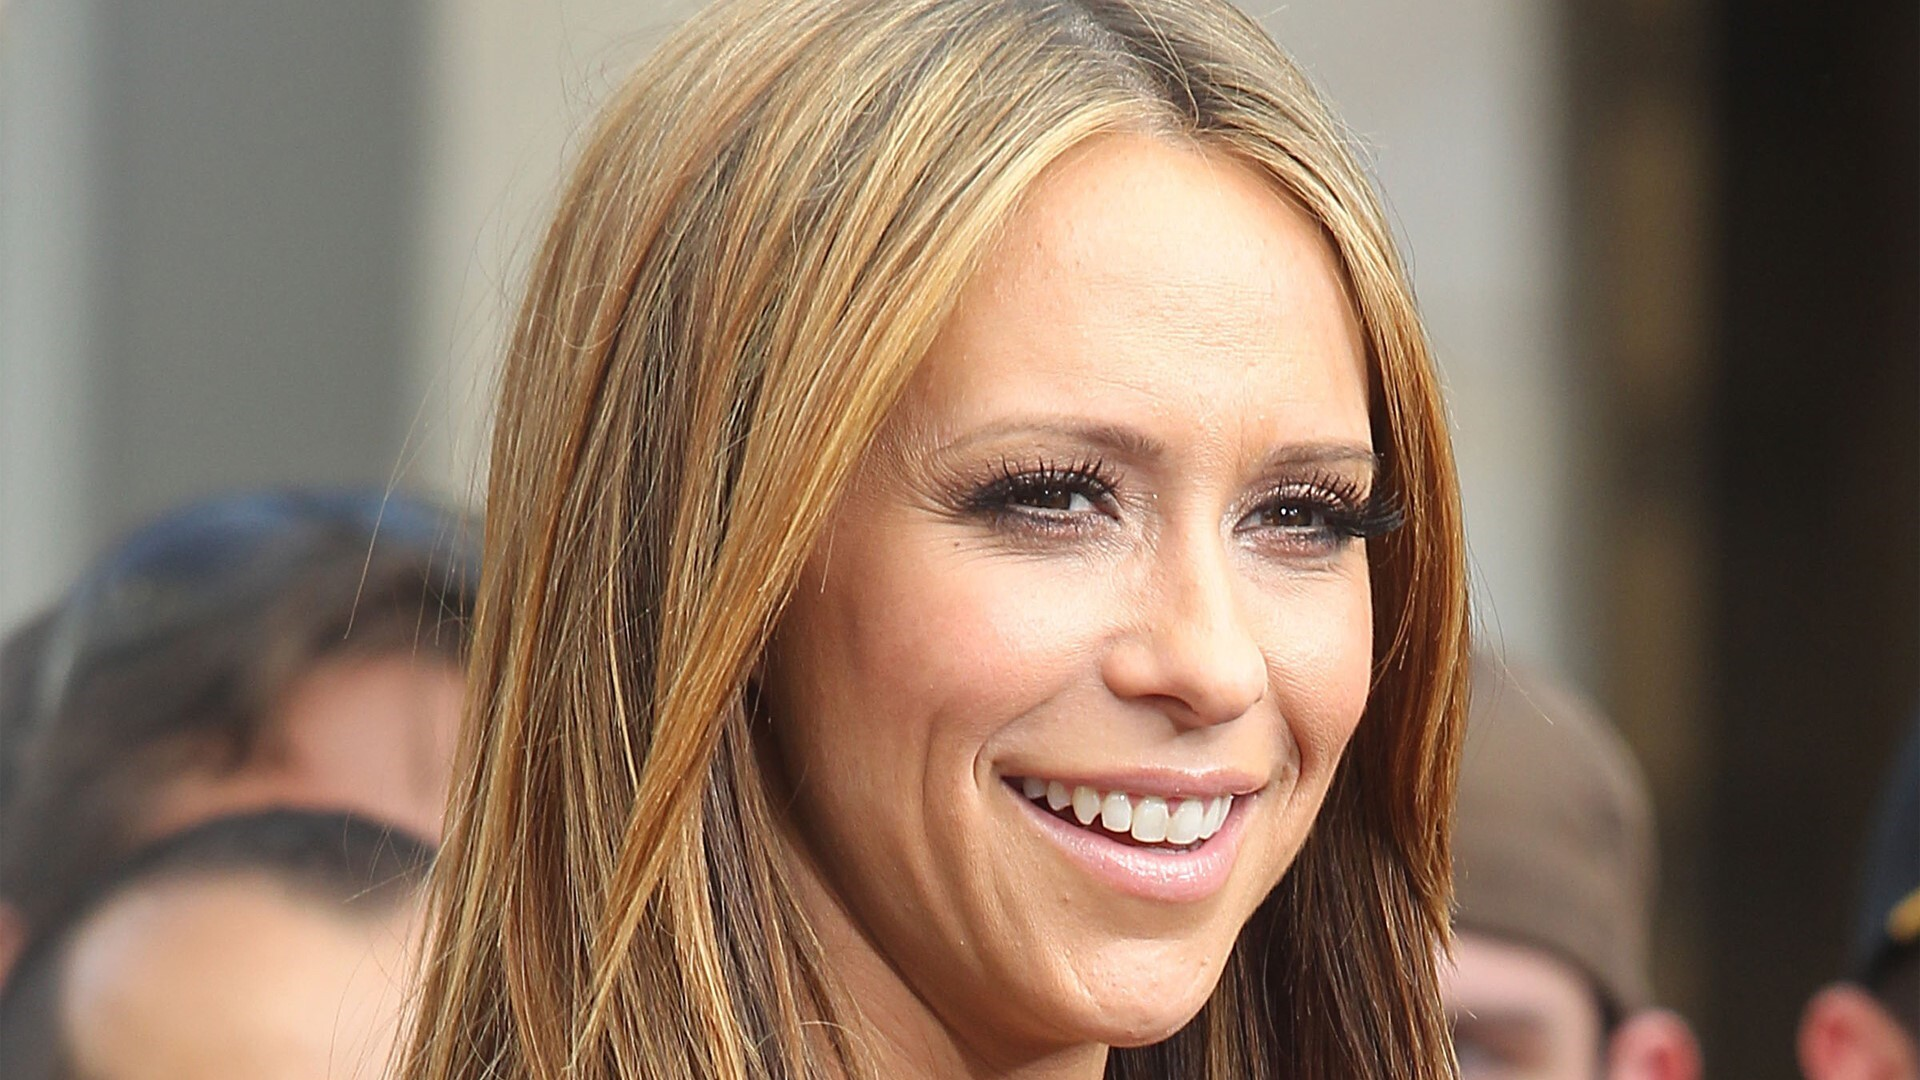 famous american celebrity jennifer love hewitt in cute smile hd